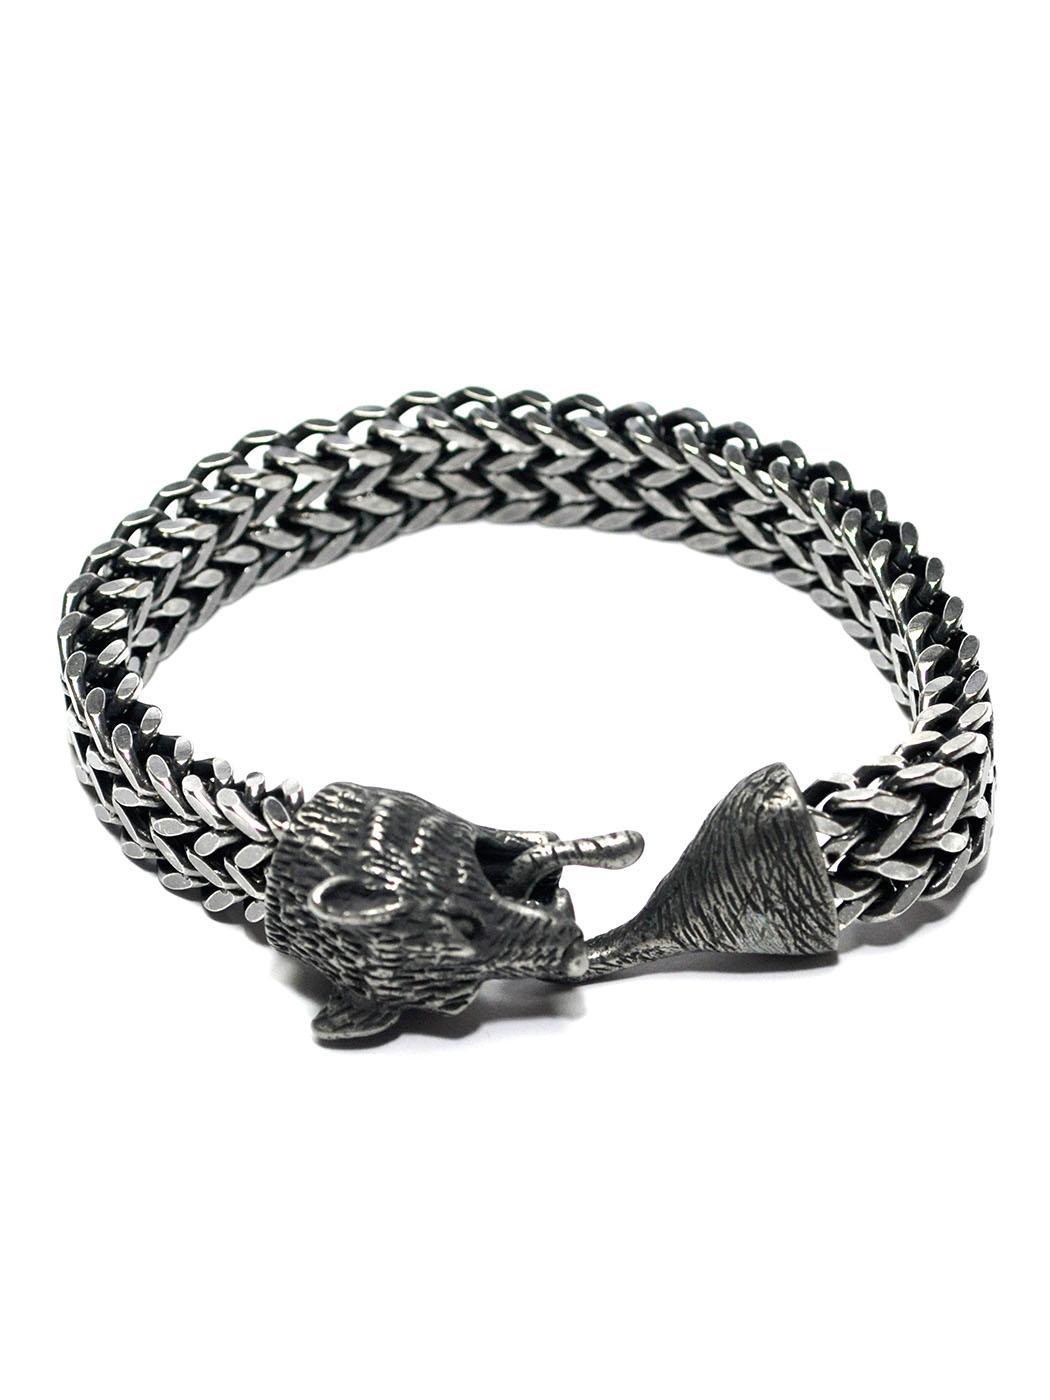 Real Viking Bracelet New York